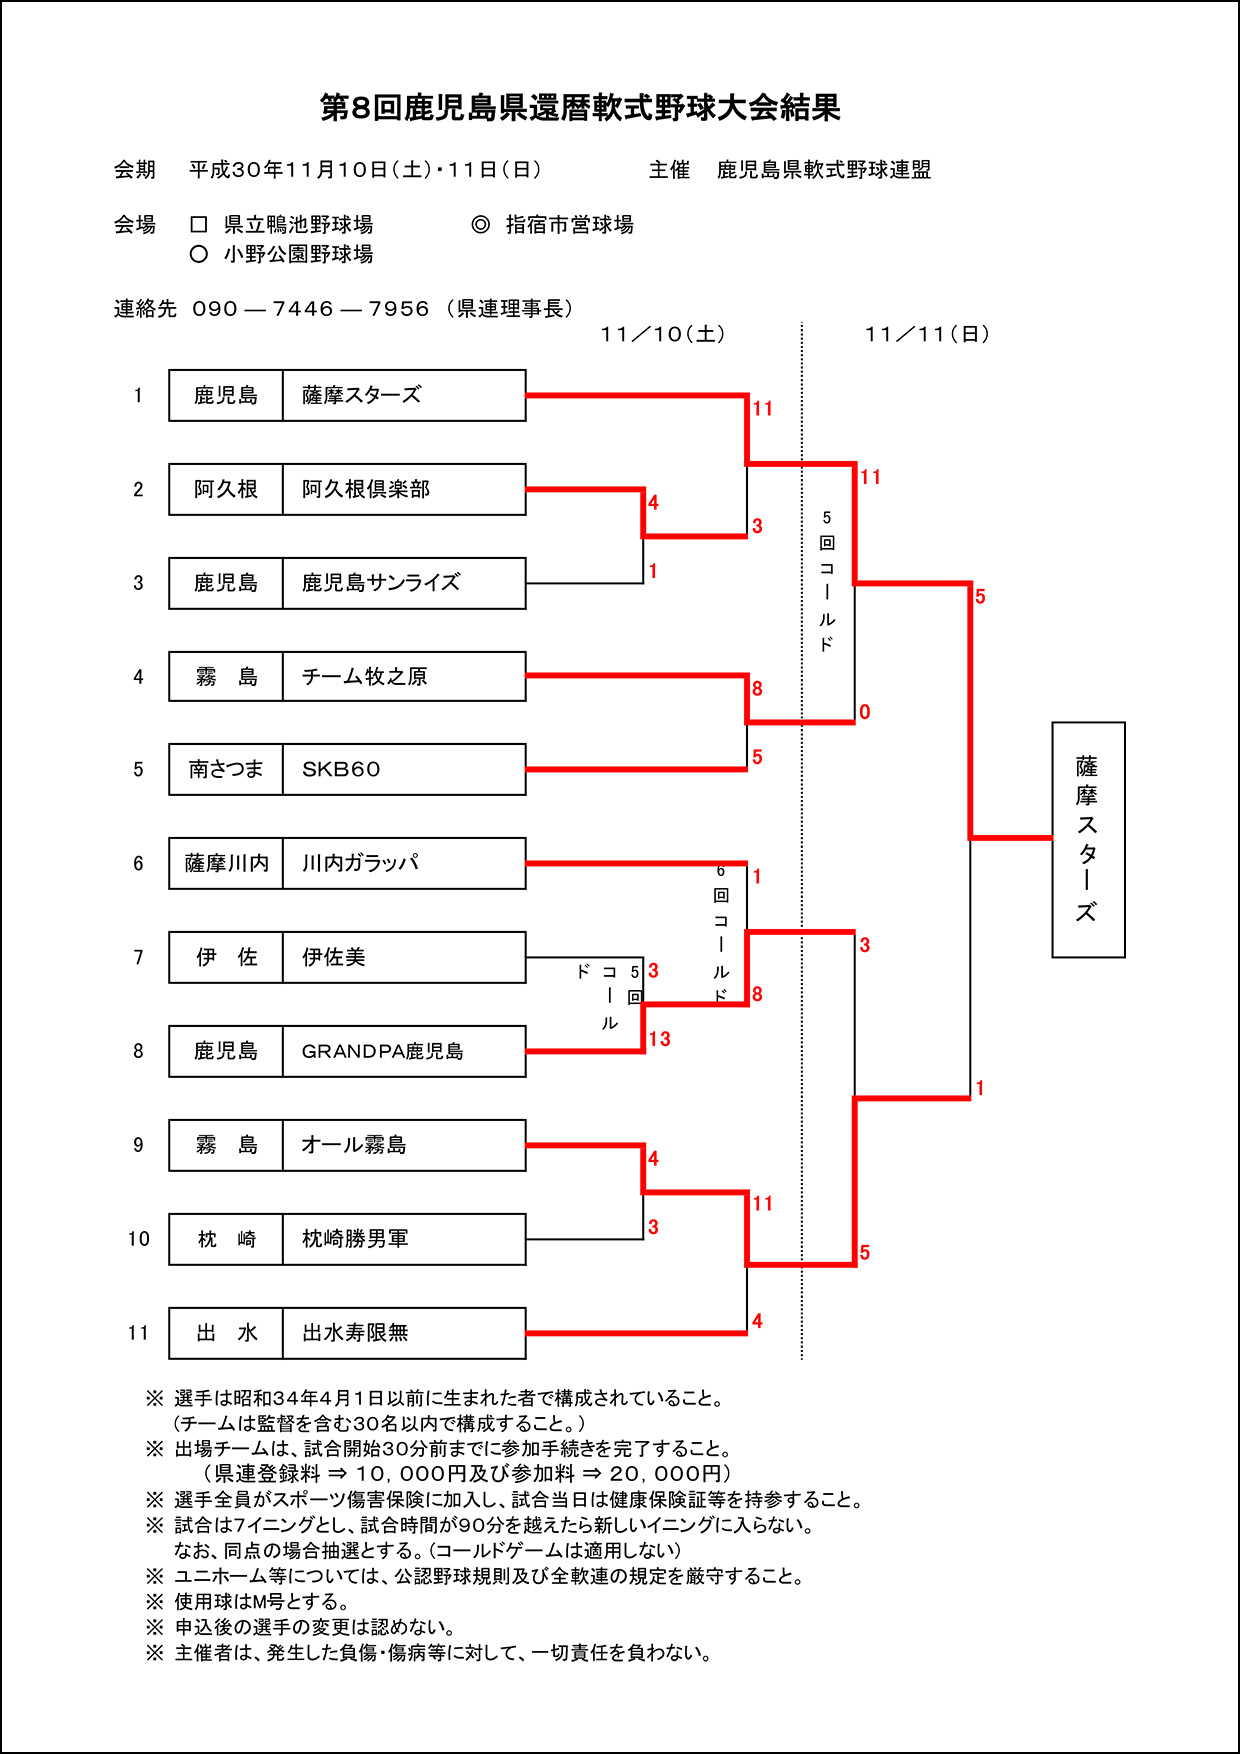 【11/11結果】第8回県還暦軟式野球大会結果